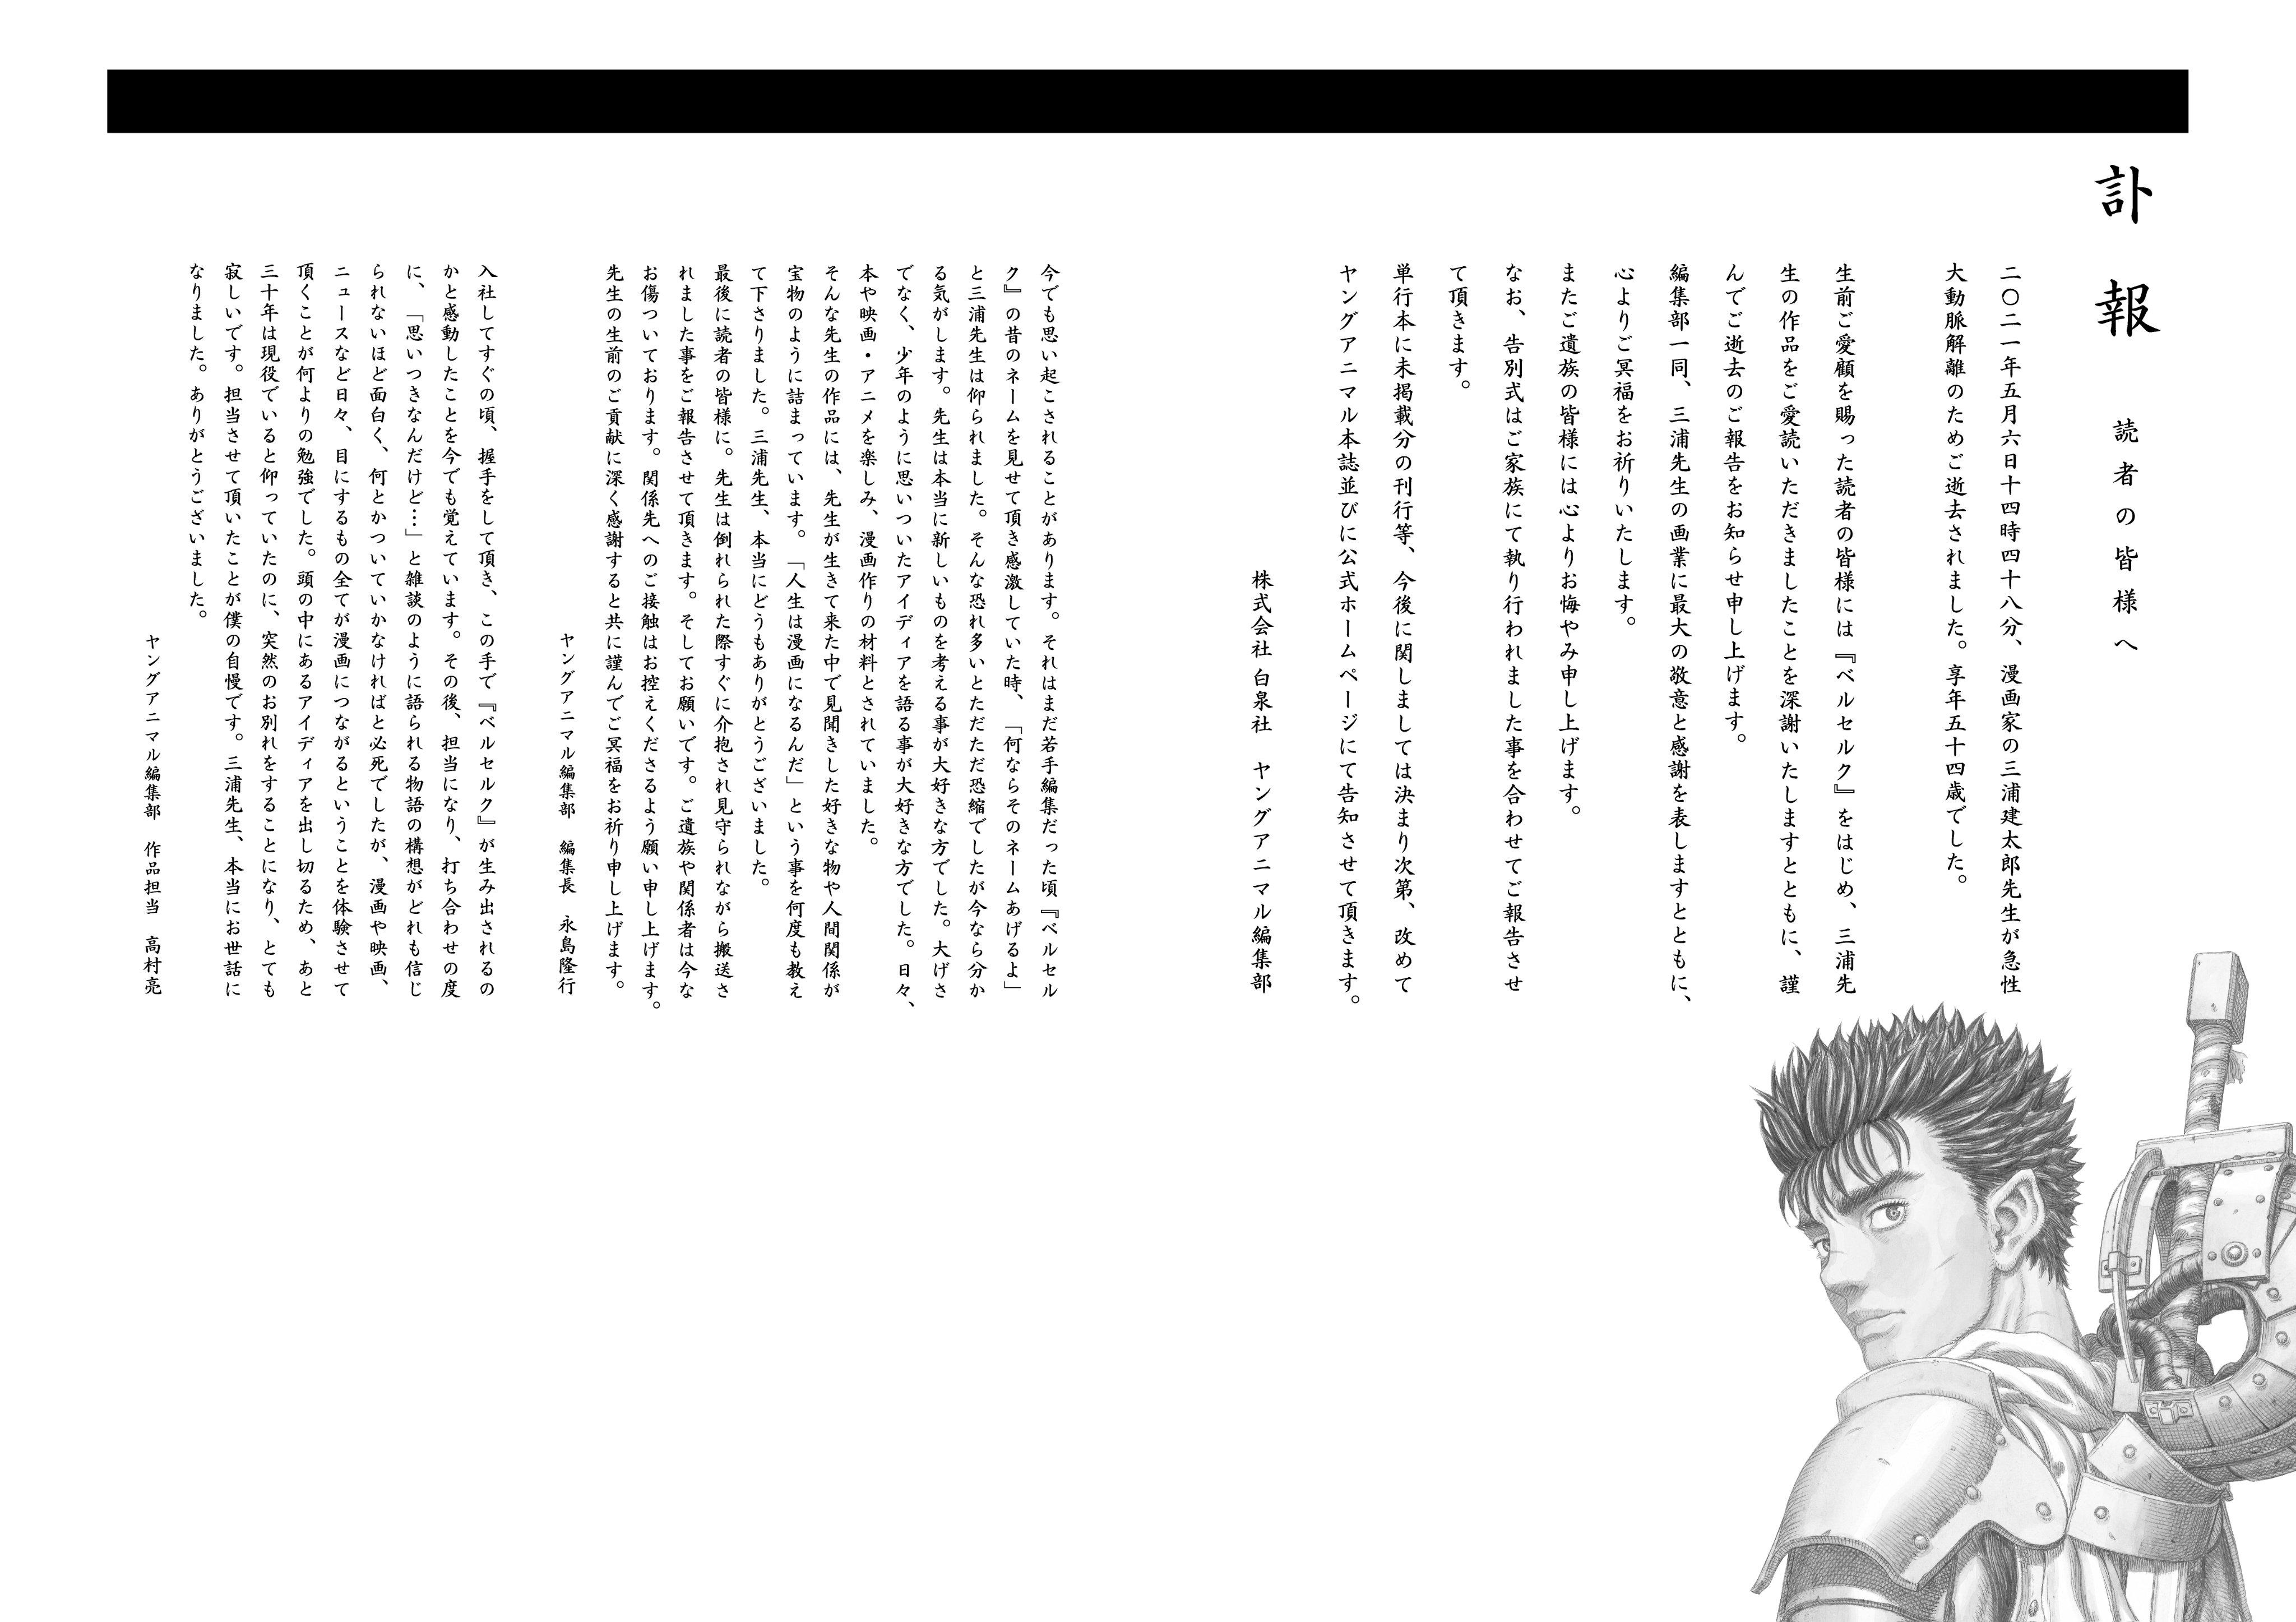 《烙印戰士》作者三浦建太郎逝世 漫畫家聲優悼念